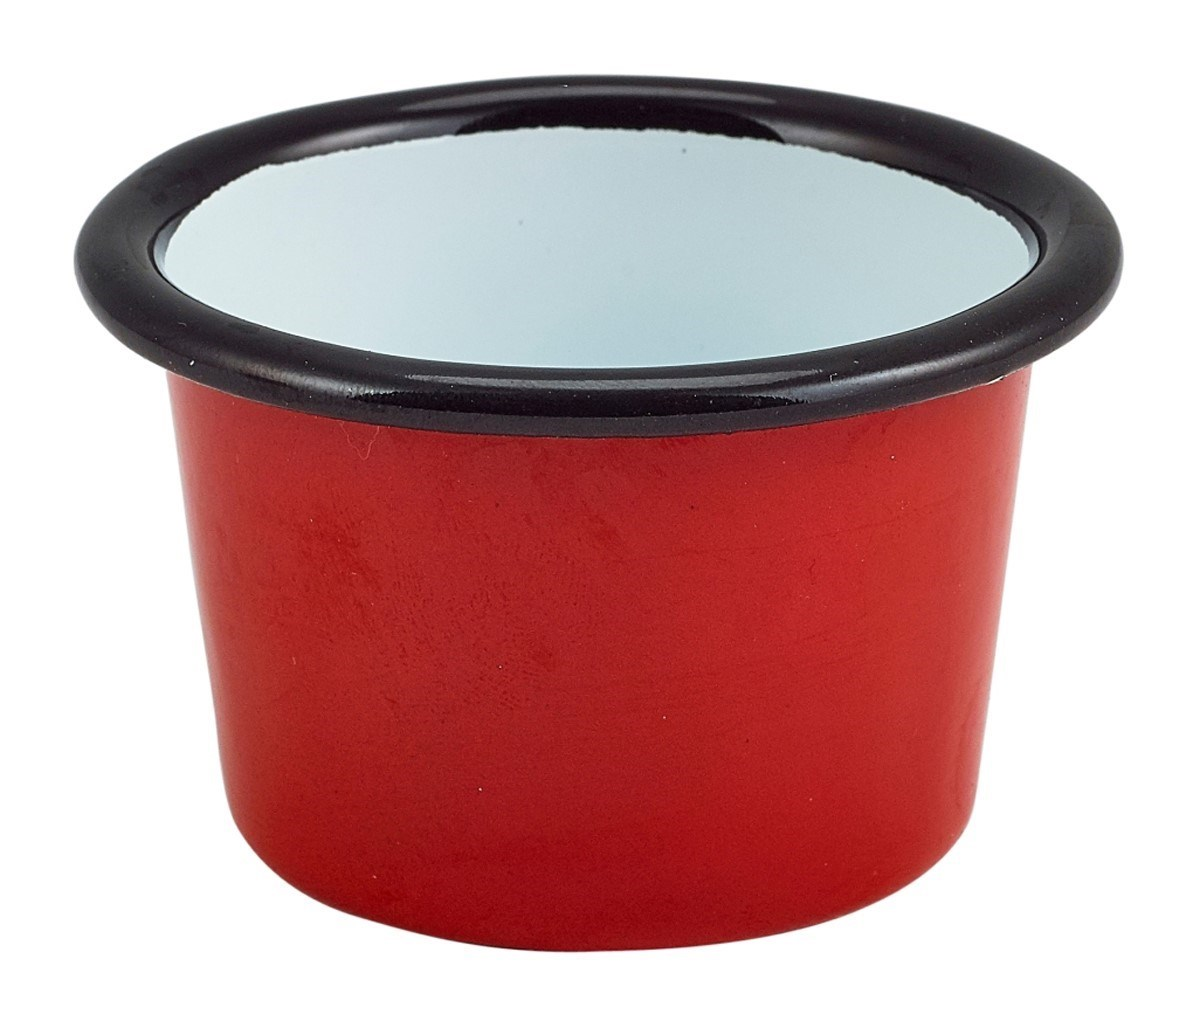 Productafbeelding Emaille ramekin rood met zwarte rand Ø8cm 90ml